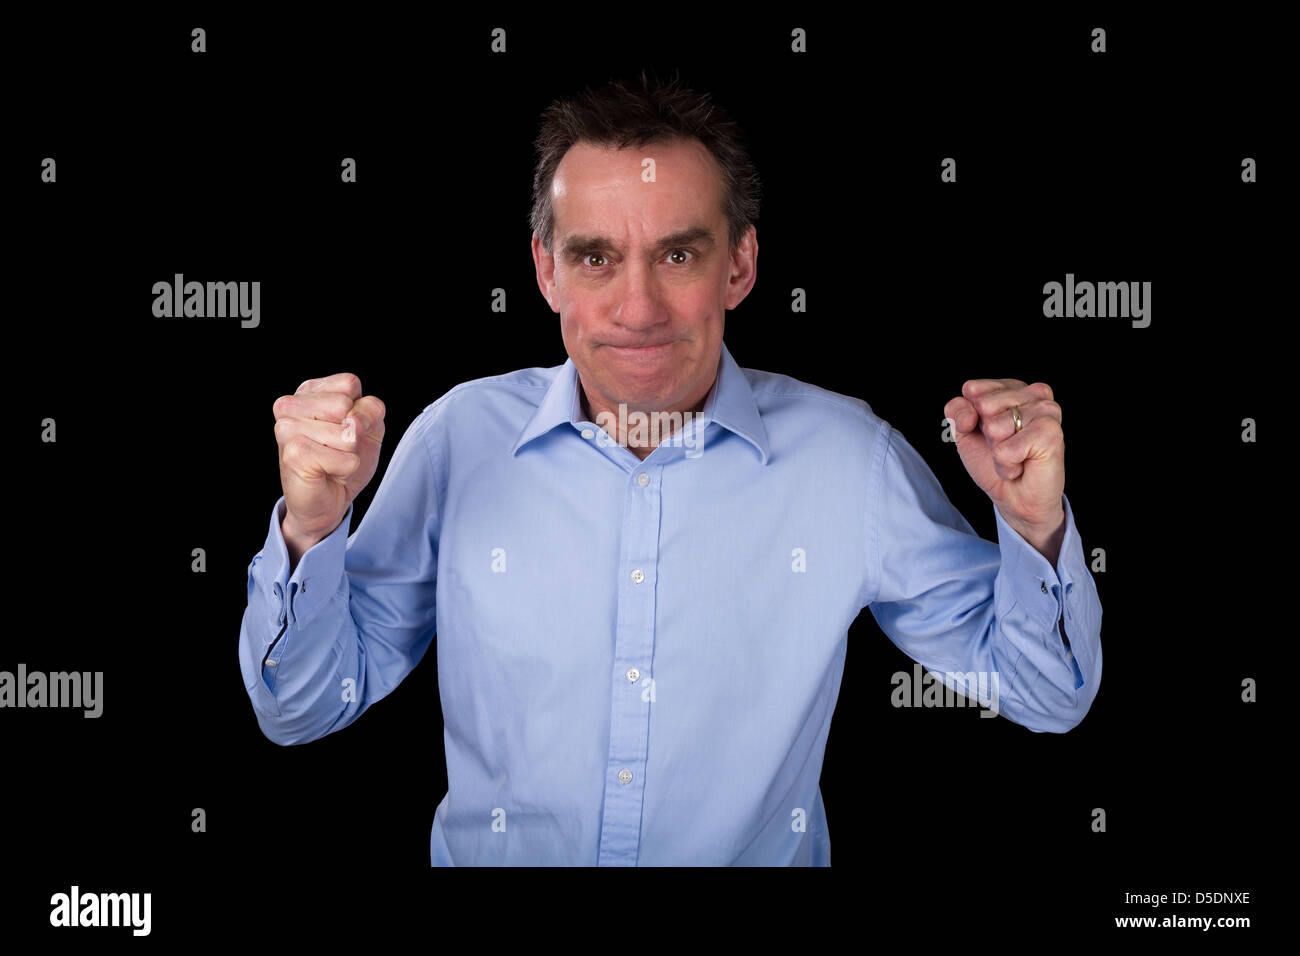 Wütend Mittelalter Business Mann schütteln Fäuste frustriert schwarzen Hintergrund Stockbild